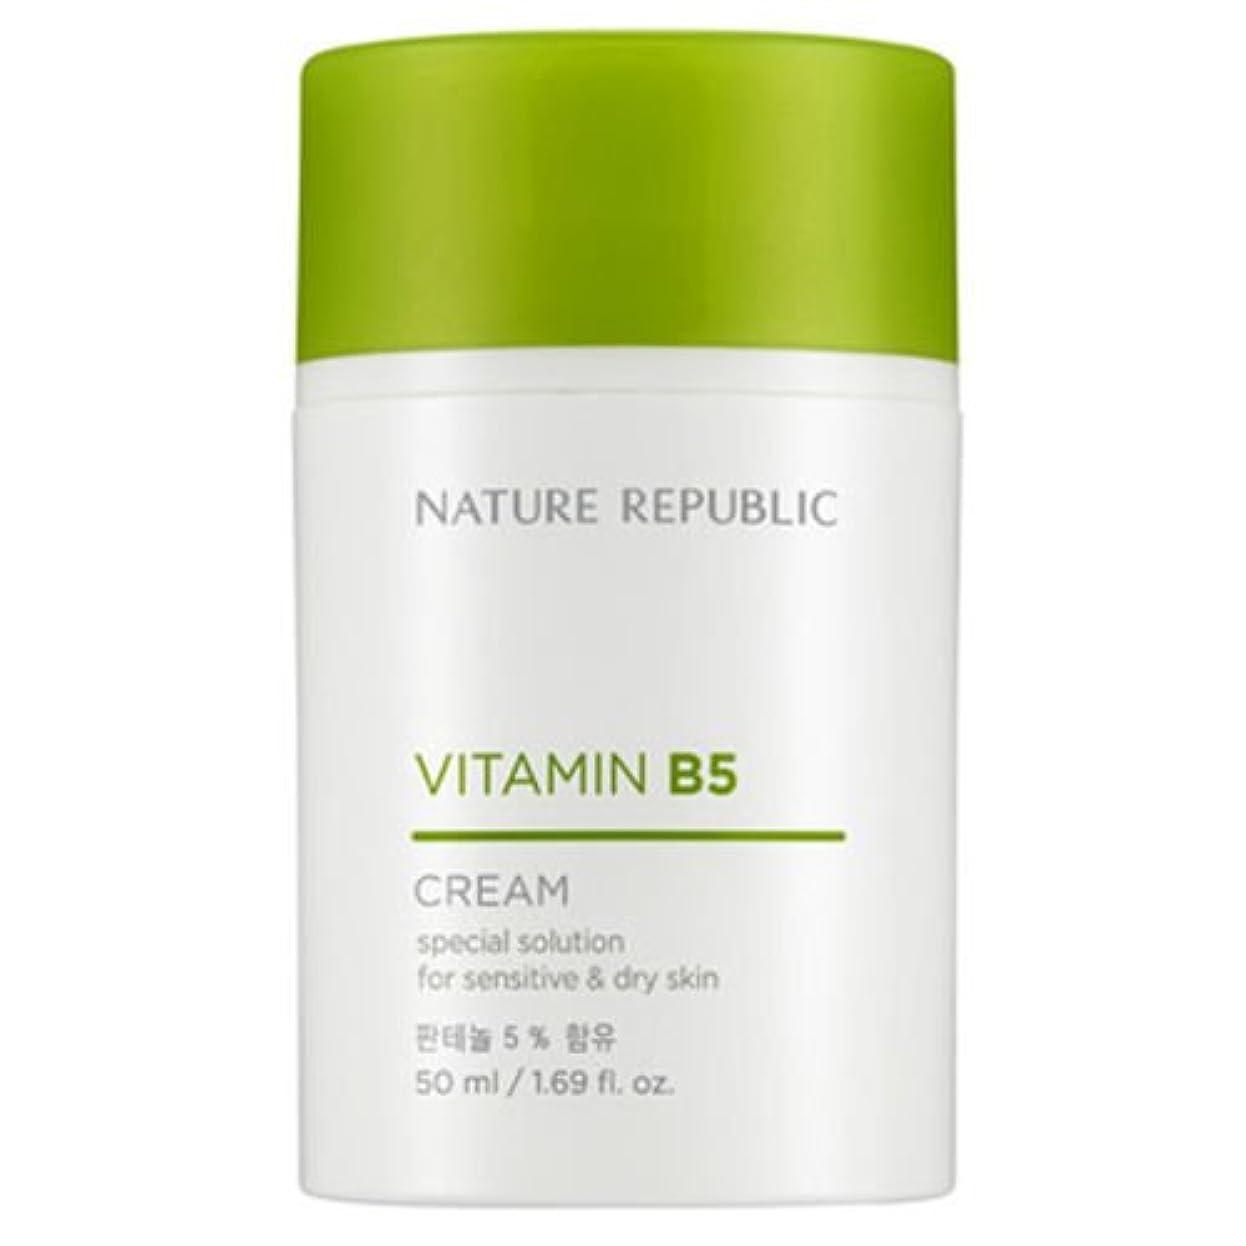 奨学金麻酔薬に向けて出発NATURE REPUBLIC Vitamin B5 Series [並行輸入品] (Cream)